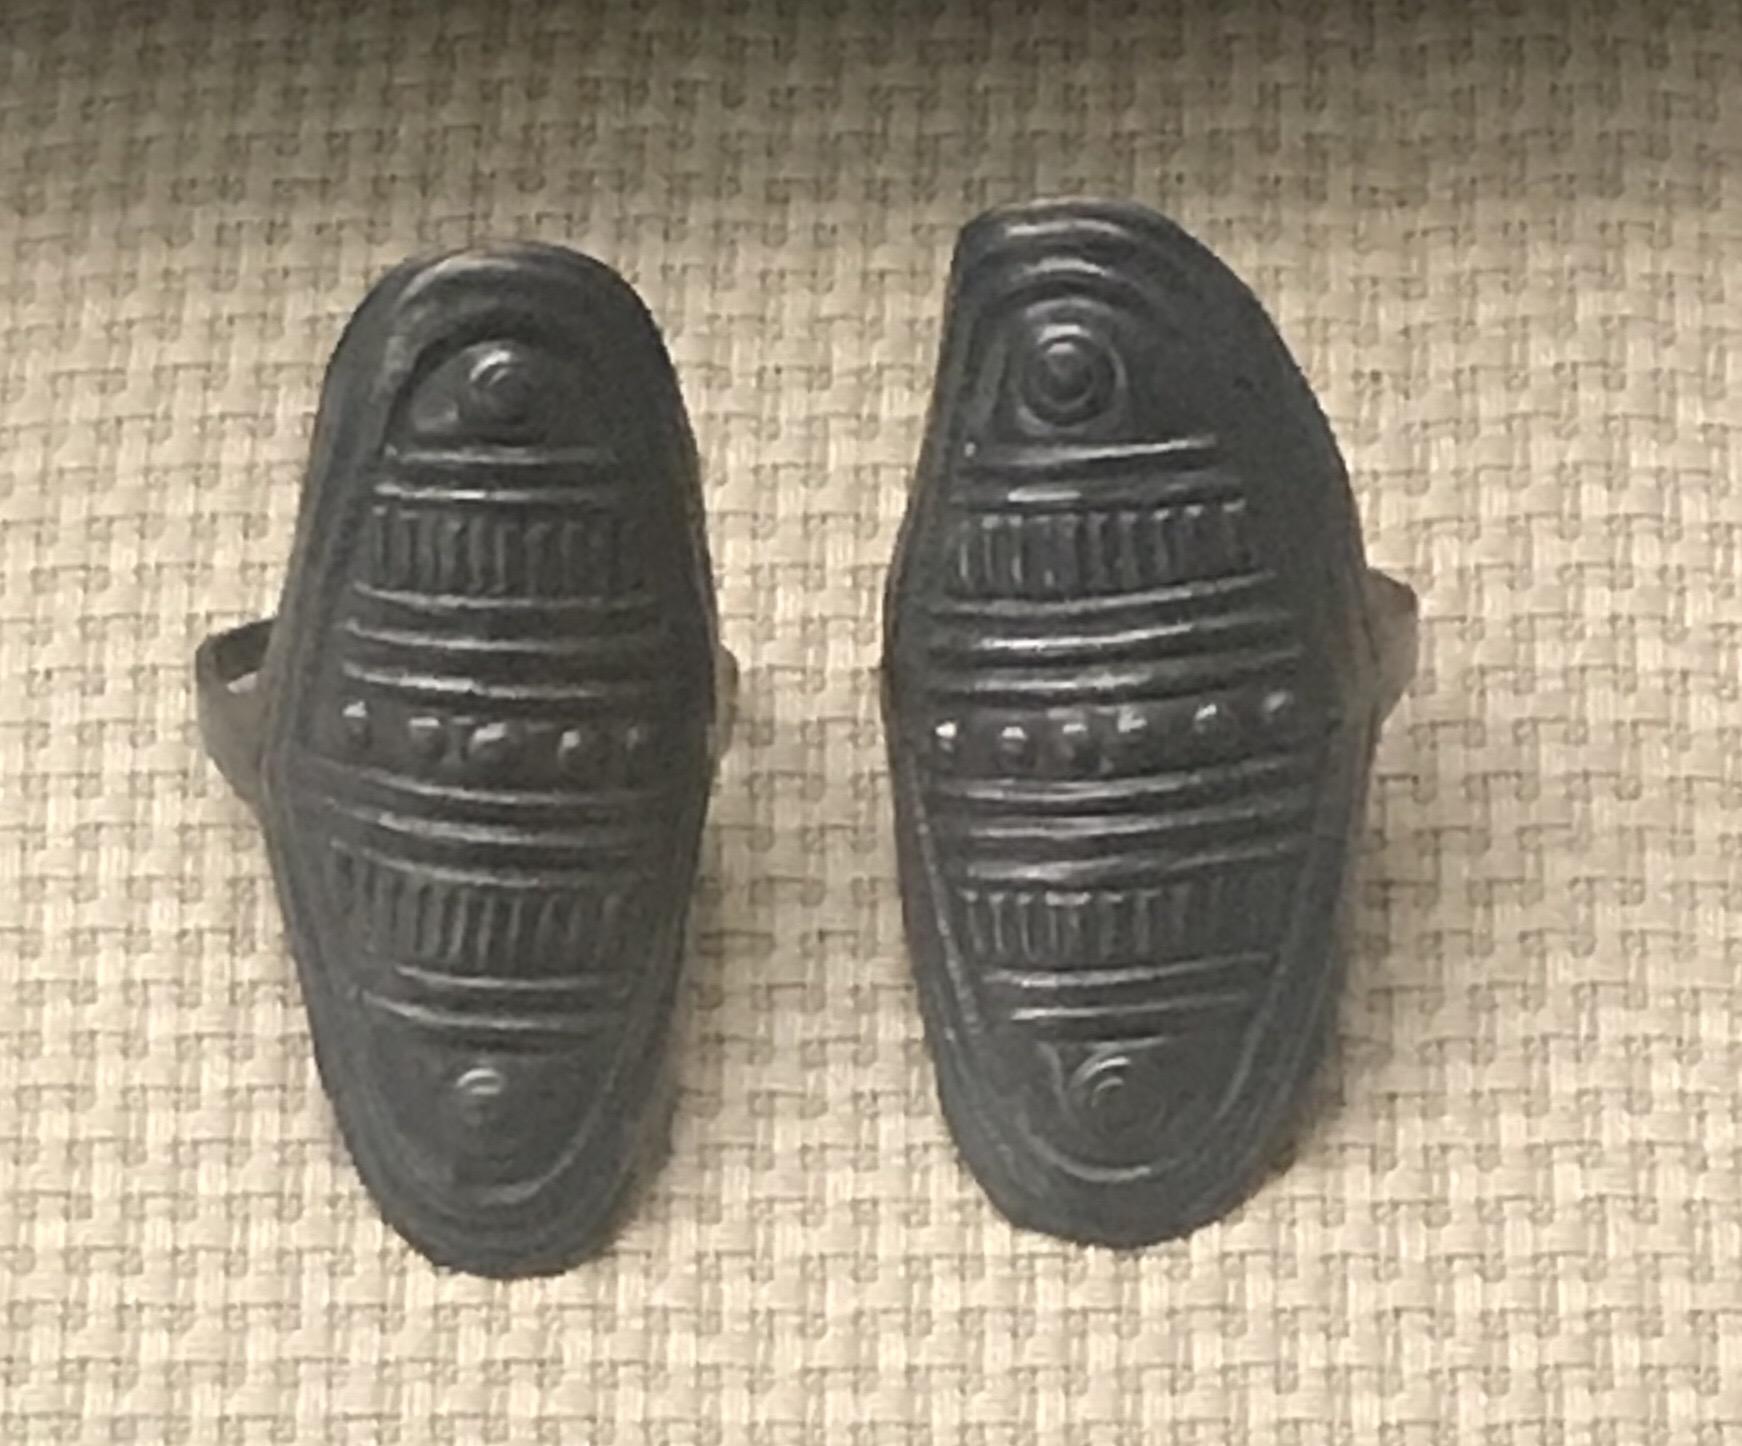 楕円形銀指輪-銀嵌サンゴ指輪-銀嵌ターコイズ指輪-彜族アクセサリー-四川民族文物館-四川博物館-成都